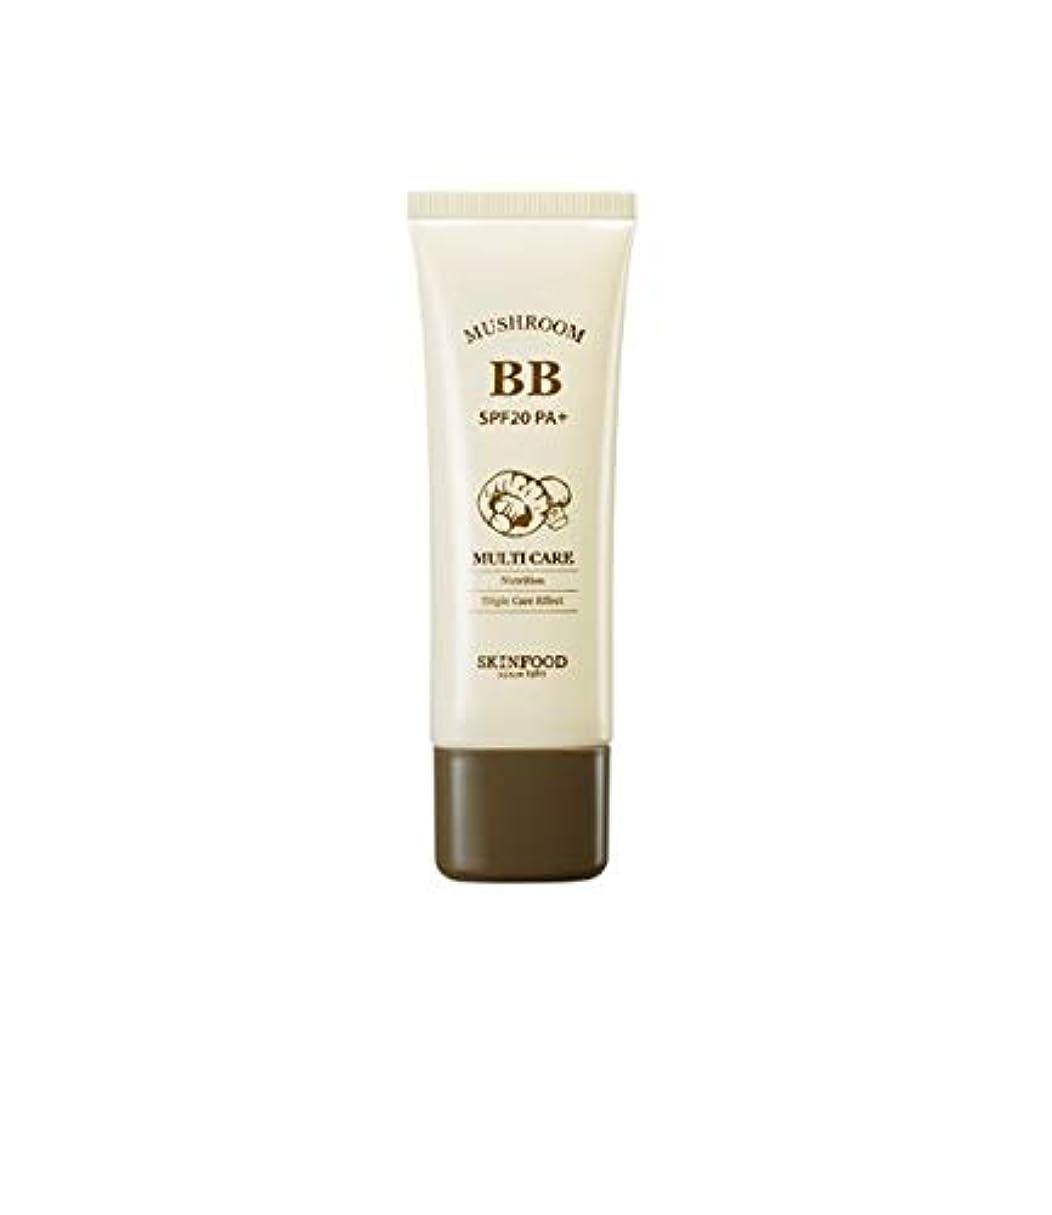 教室切る破壊的Skinfood マッシュルームマルチケアBBクリームSPF20 PA +#No. 1ブライトスキン / Mushroom Multi Care BB Cream SPF20 PA+# No. 1 Bright Skin...